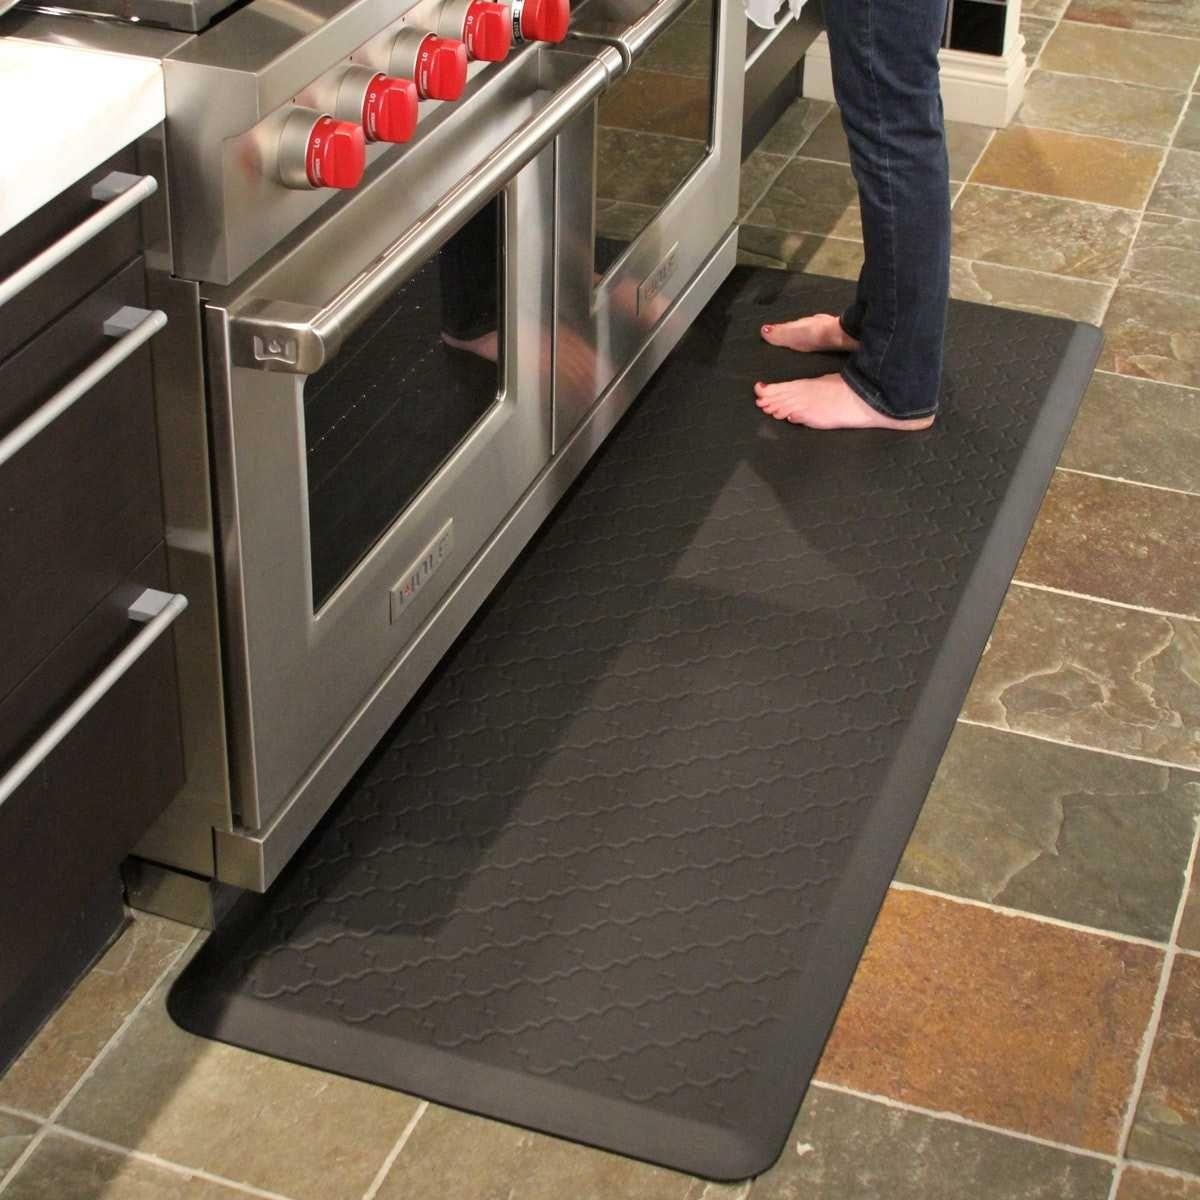 Kitchen Floor Mats Comfort And Ergonomic Type Of Mats In 2020 Kitchen Mats Floor Anti Fatigue Flooring Flooring